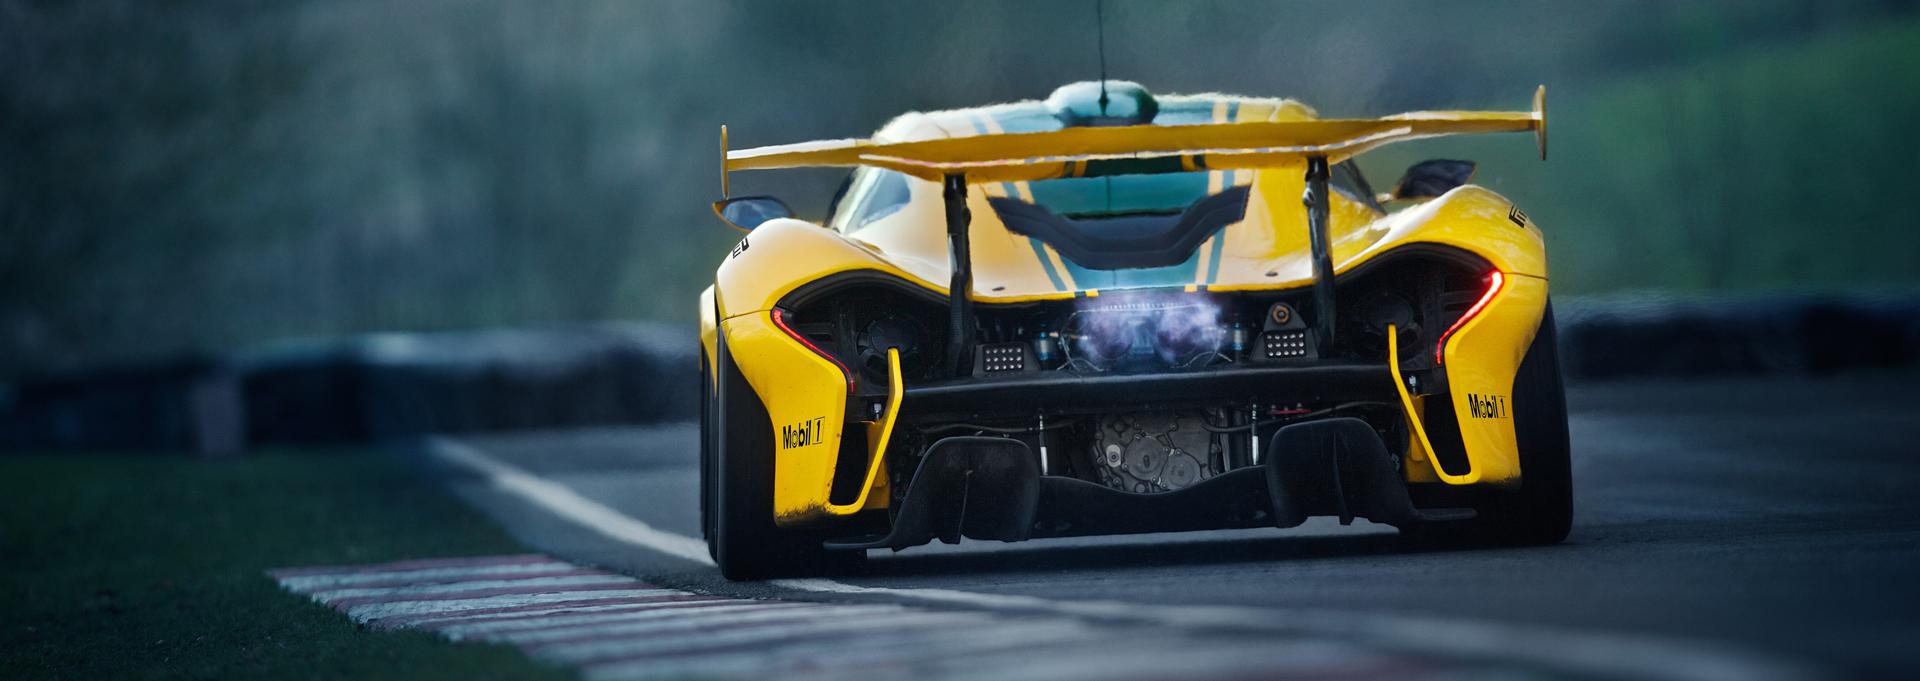 McLaren P1 GTR - photo sur circuit Cadwell - 2015 - arrière